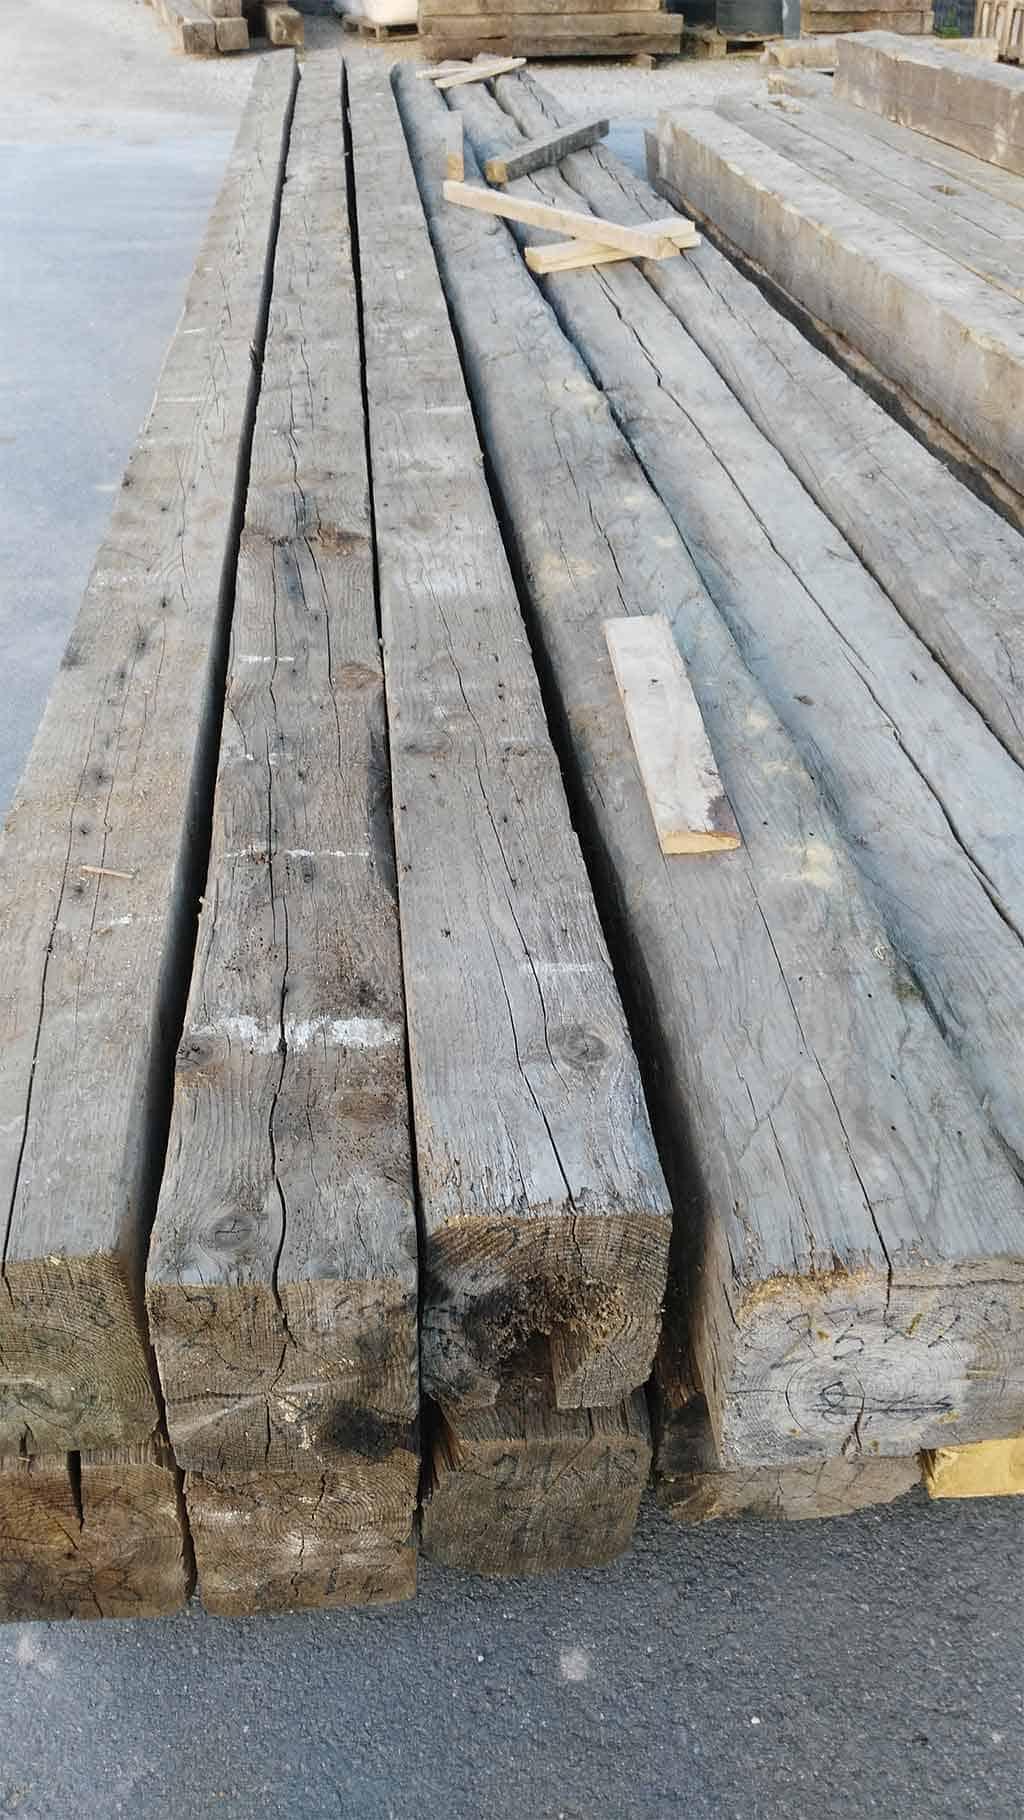 Rusticos y madera vigas de madera vieja recuperadas - Vigas de maderas ...